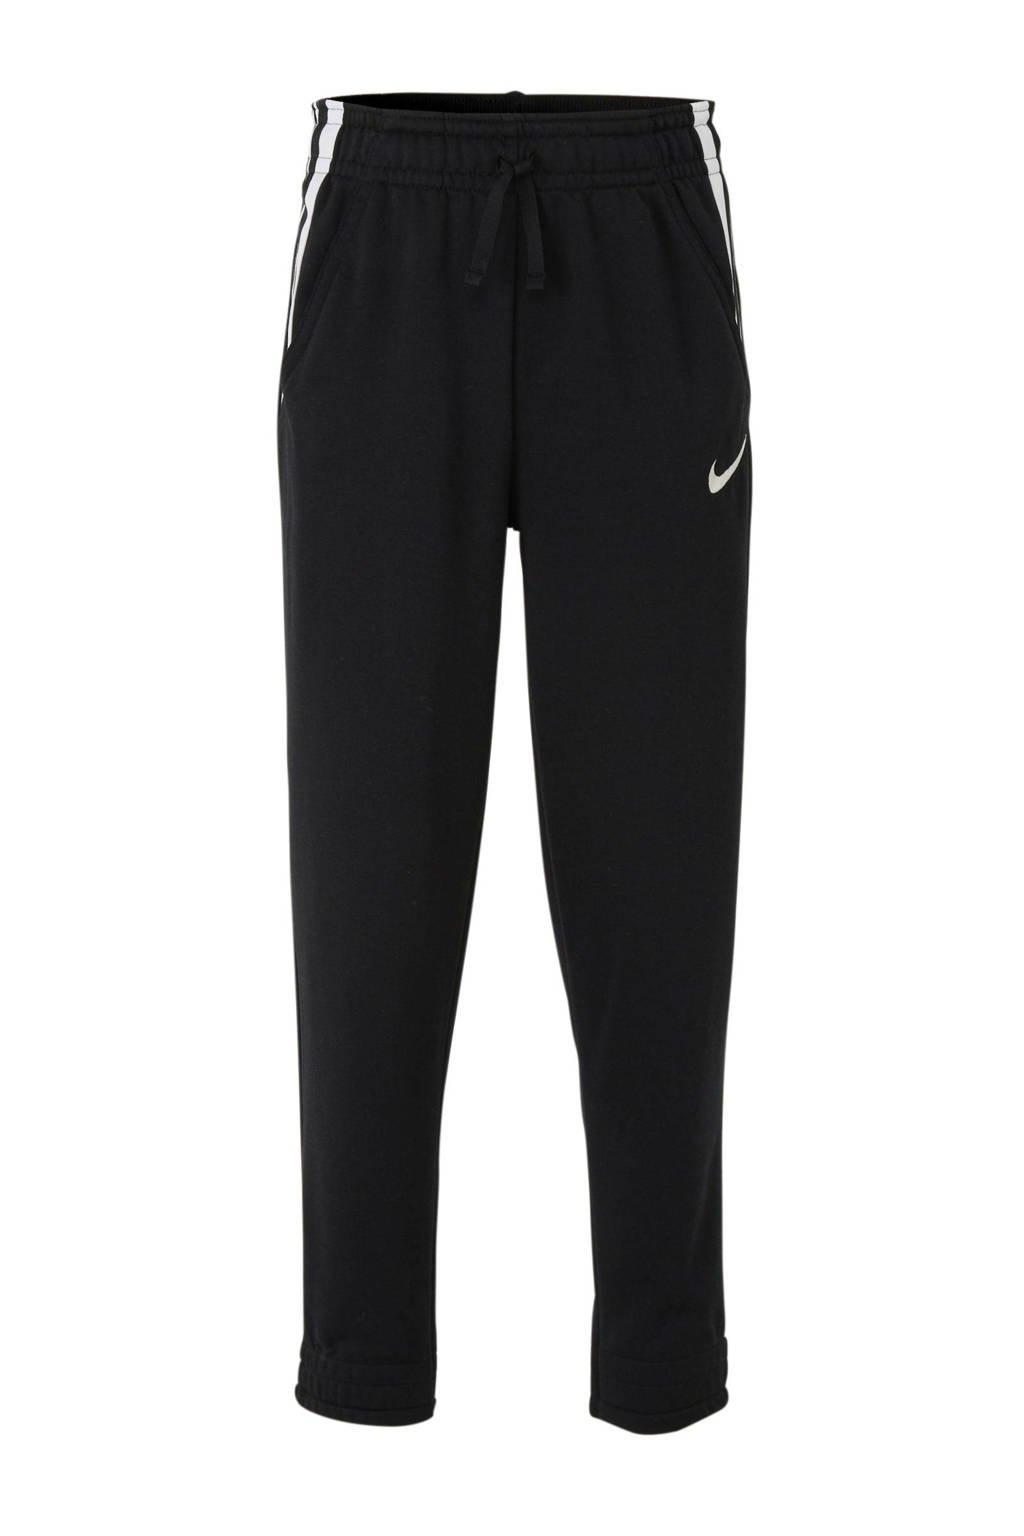 Nike sportbroek, Zwart/wit